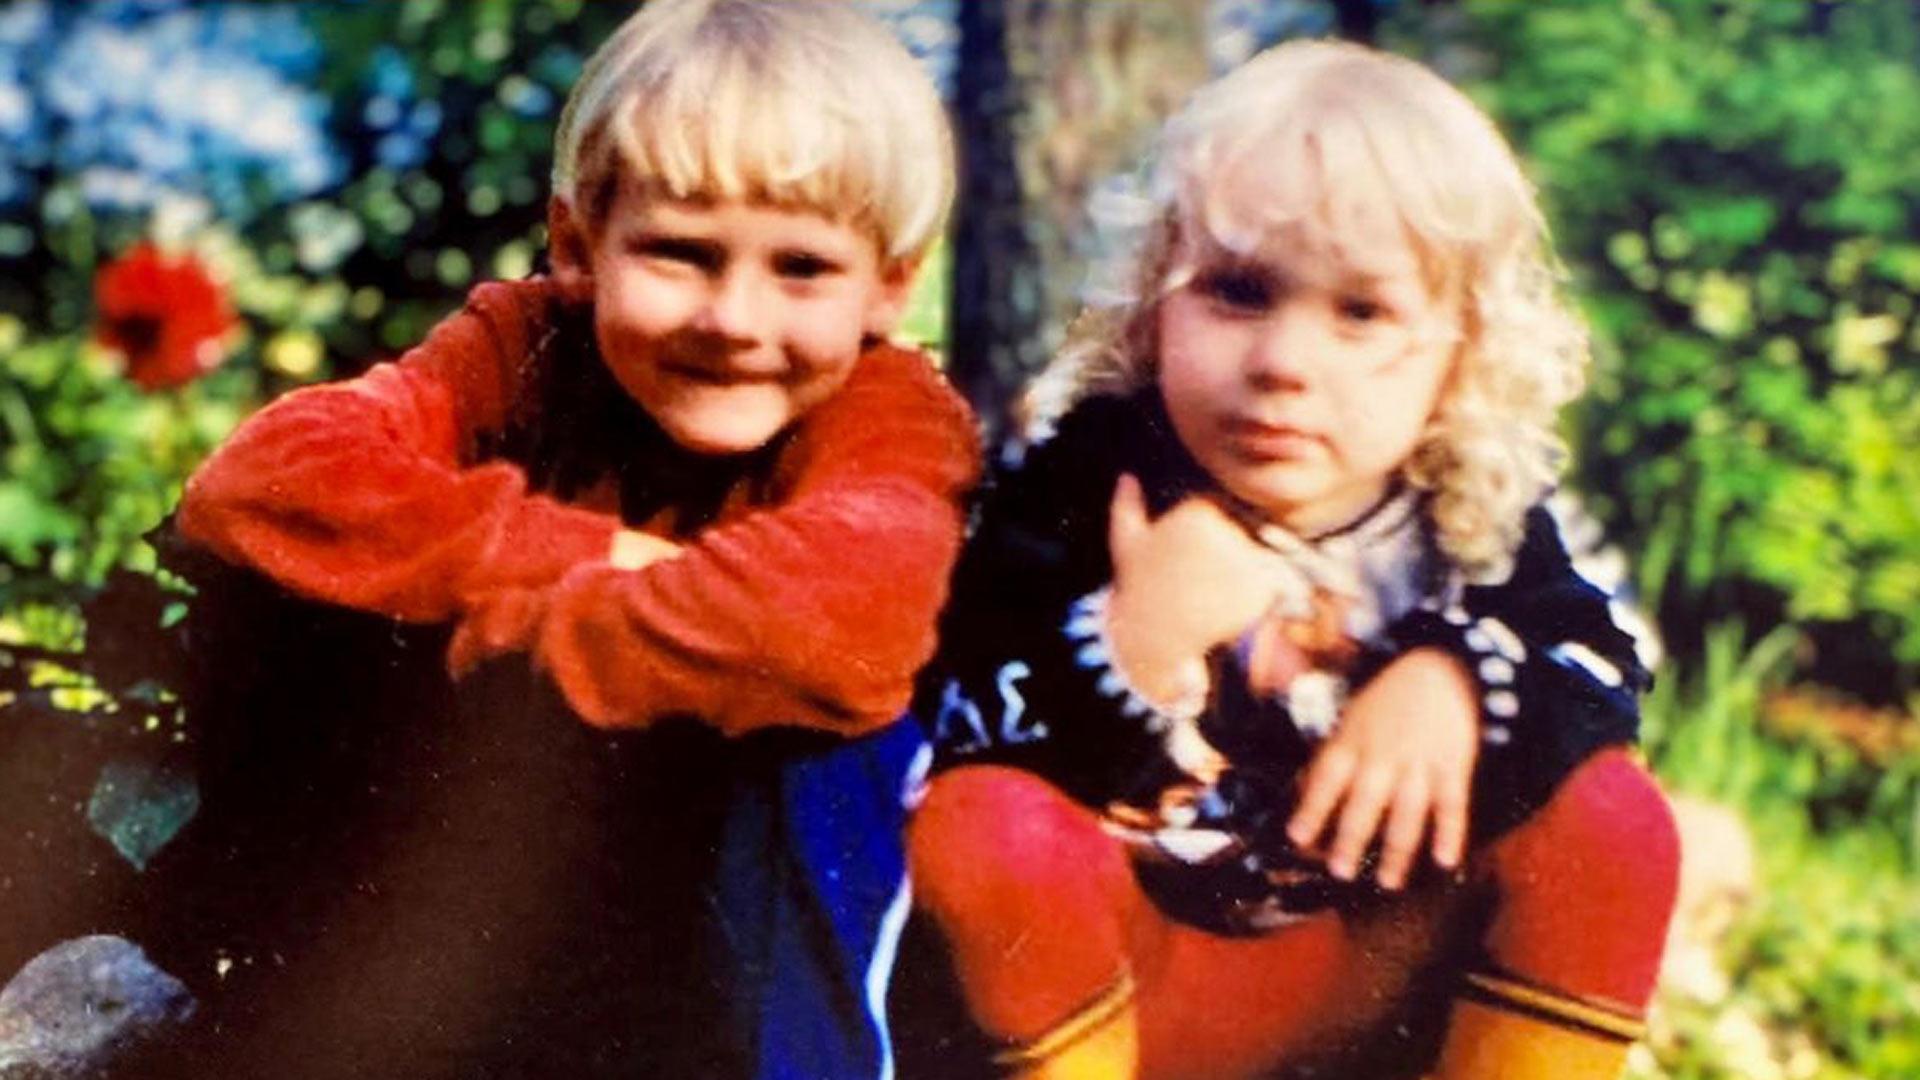 """Jonne Aaron ja Ville Juhani mummolassa Kiimajärven rannalla. """"Meillä oli siellä samanlaista kolttosmeininkiä kuin elokuvassa Pikkupojat"""", Jonne muistelee."""